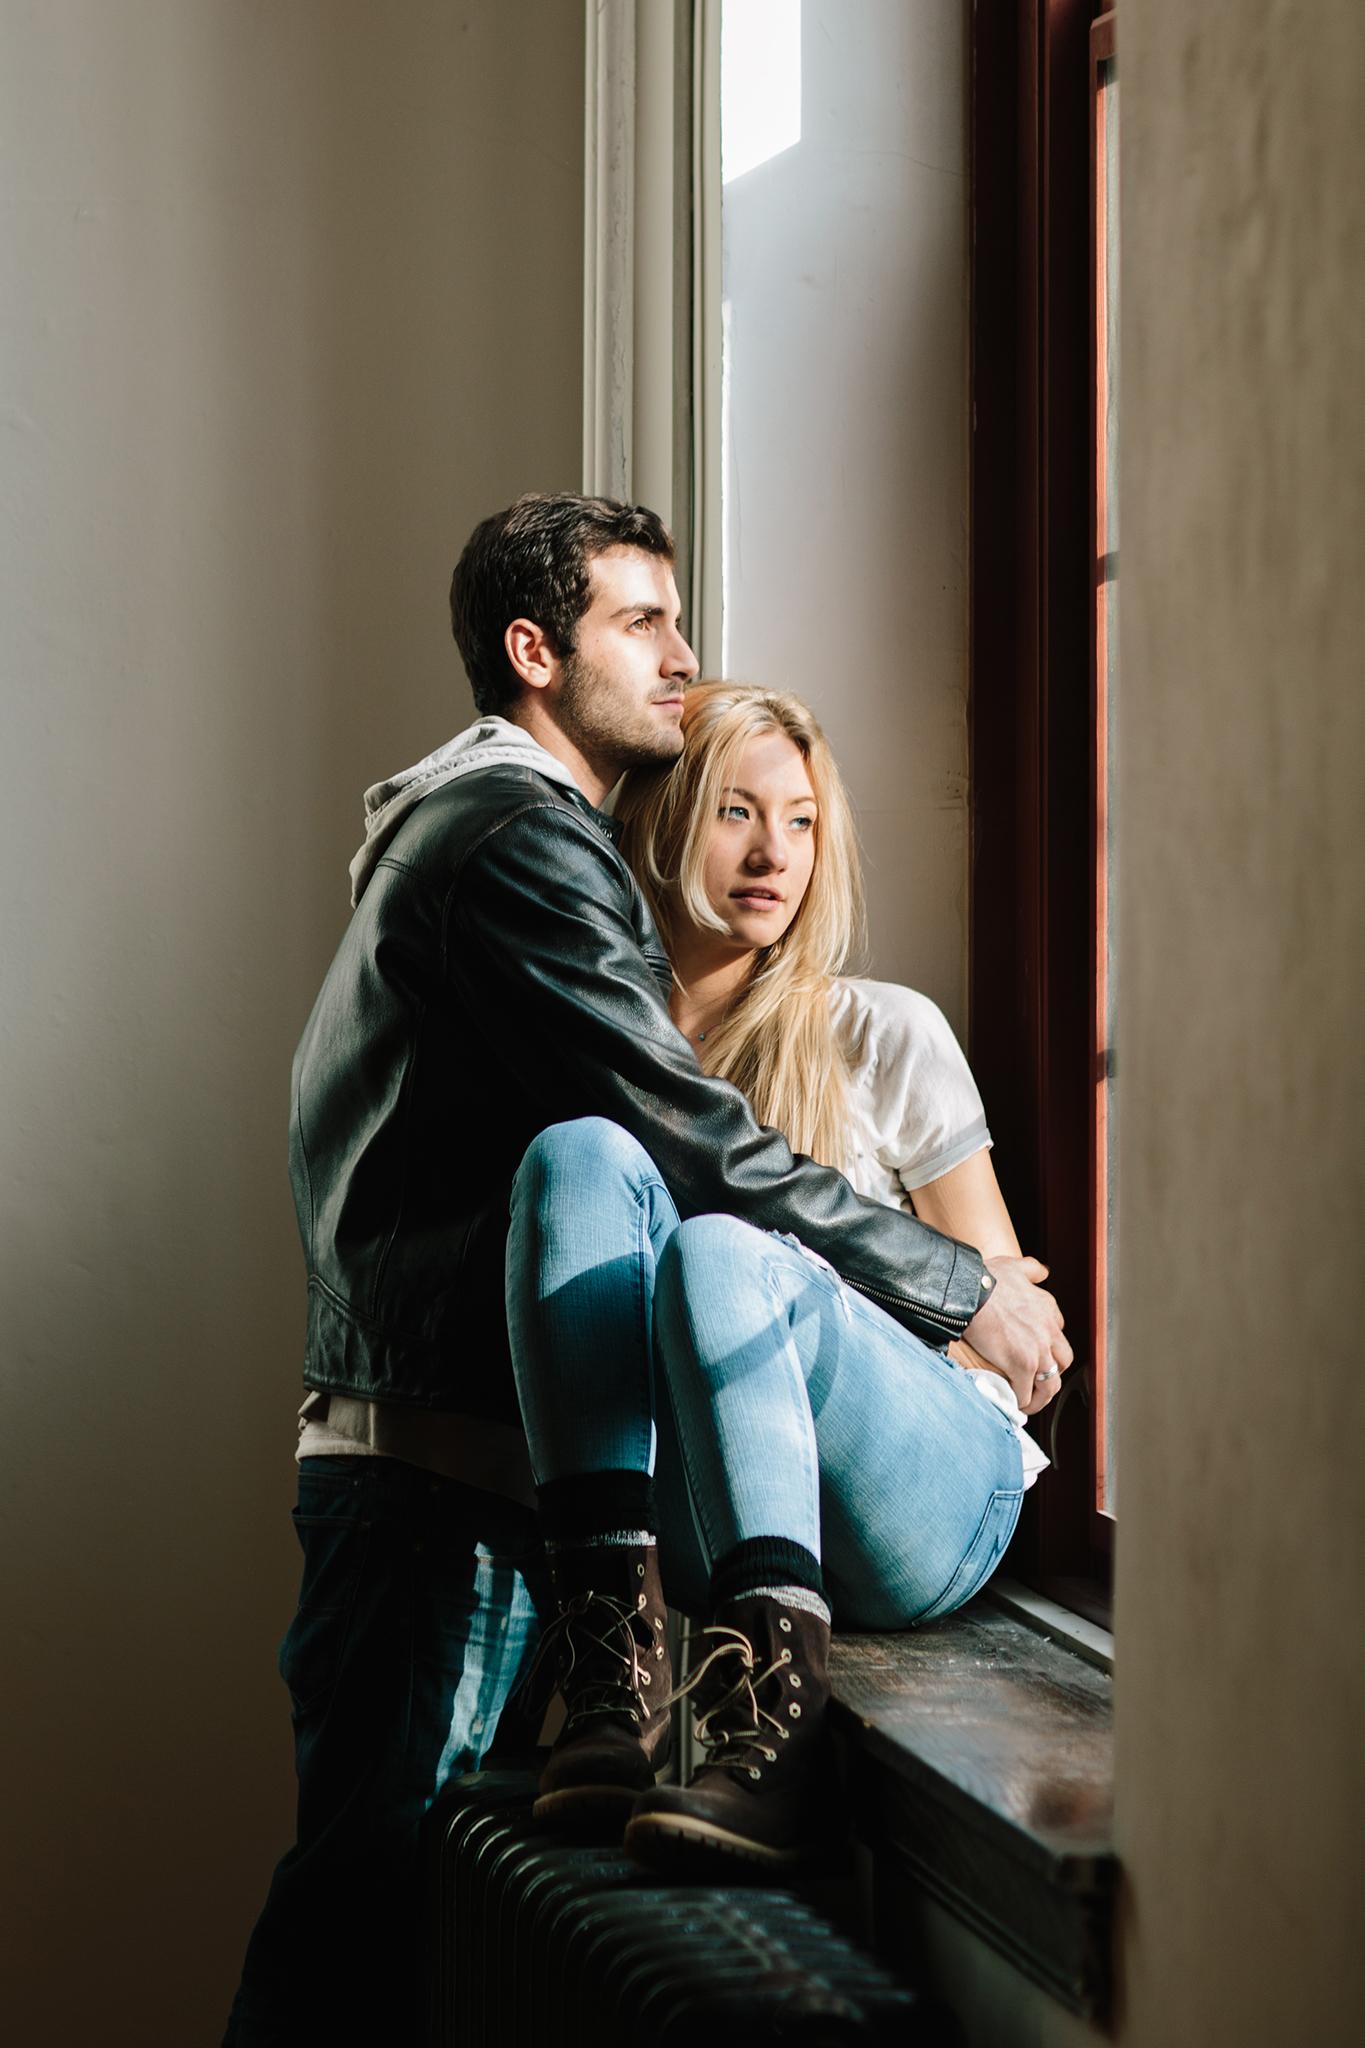 intimate-attractive-couple-portraits-denver-colorado-5.jpg